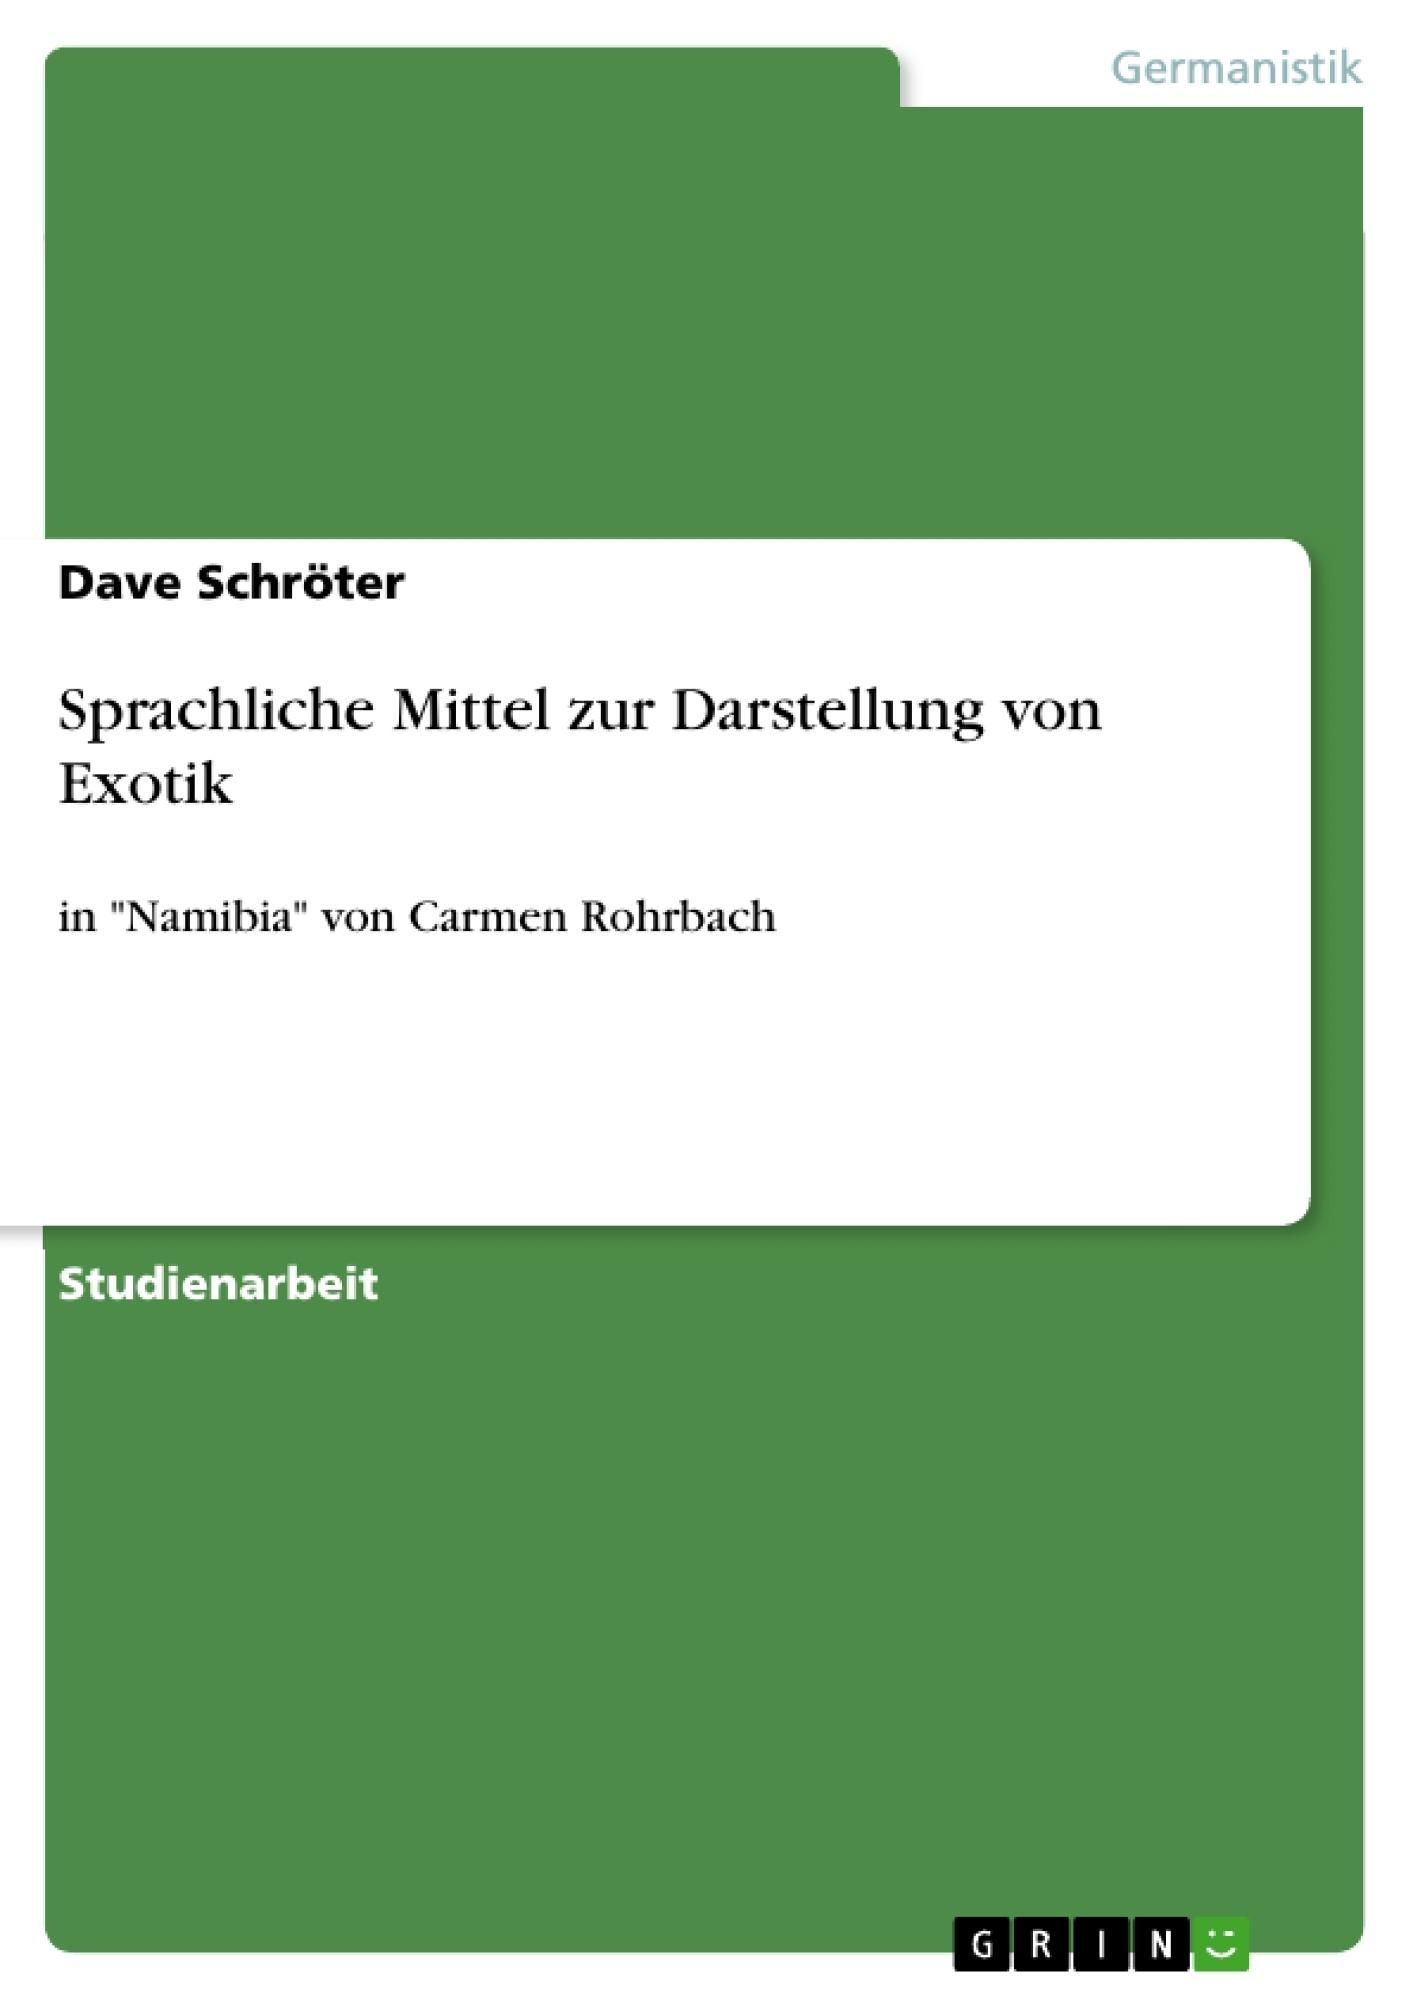 Titel: Sprachliche Mittel zur Darstellung von Exotik